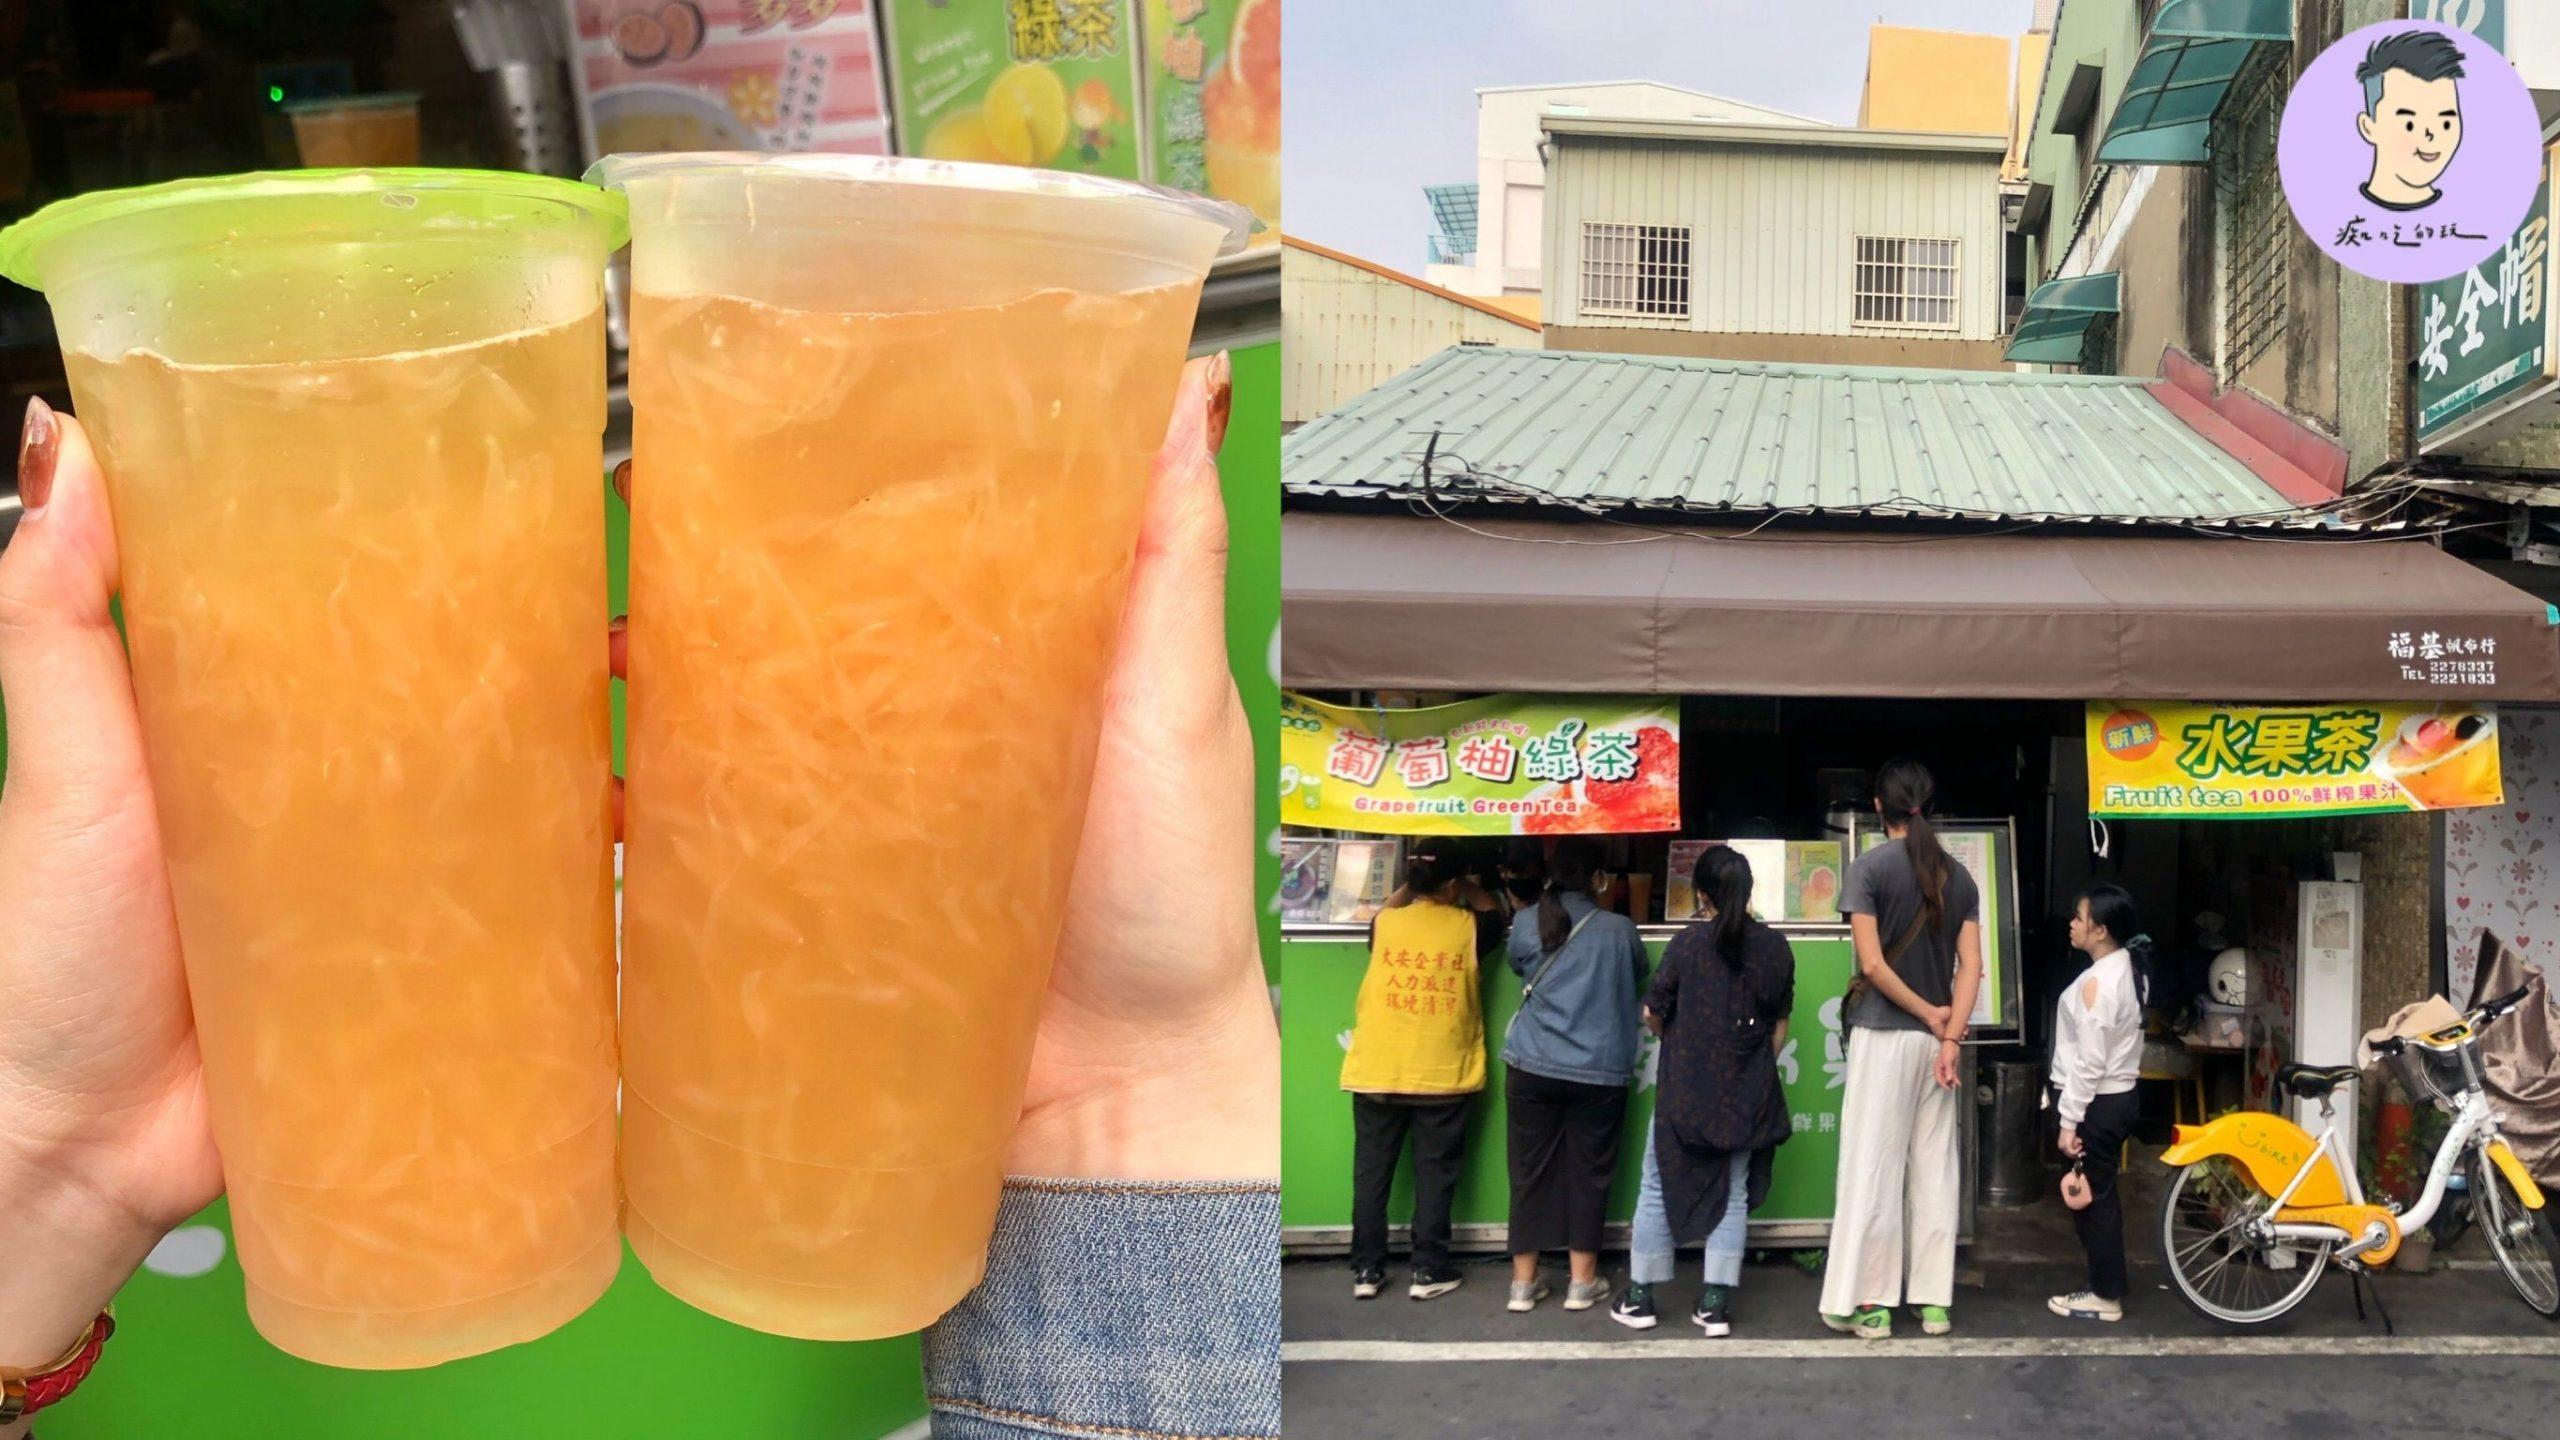 【嘉義限定飲料】在地人大推的葡萄柚綠「知更鳥巢鮮果茶飲」滿滿一杯果肉多到爆!便宜又大杯